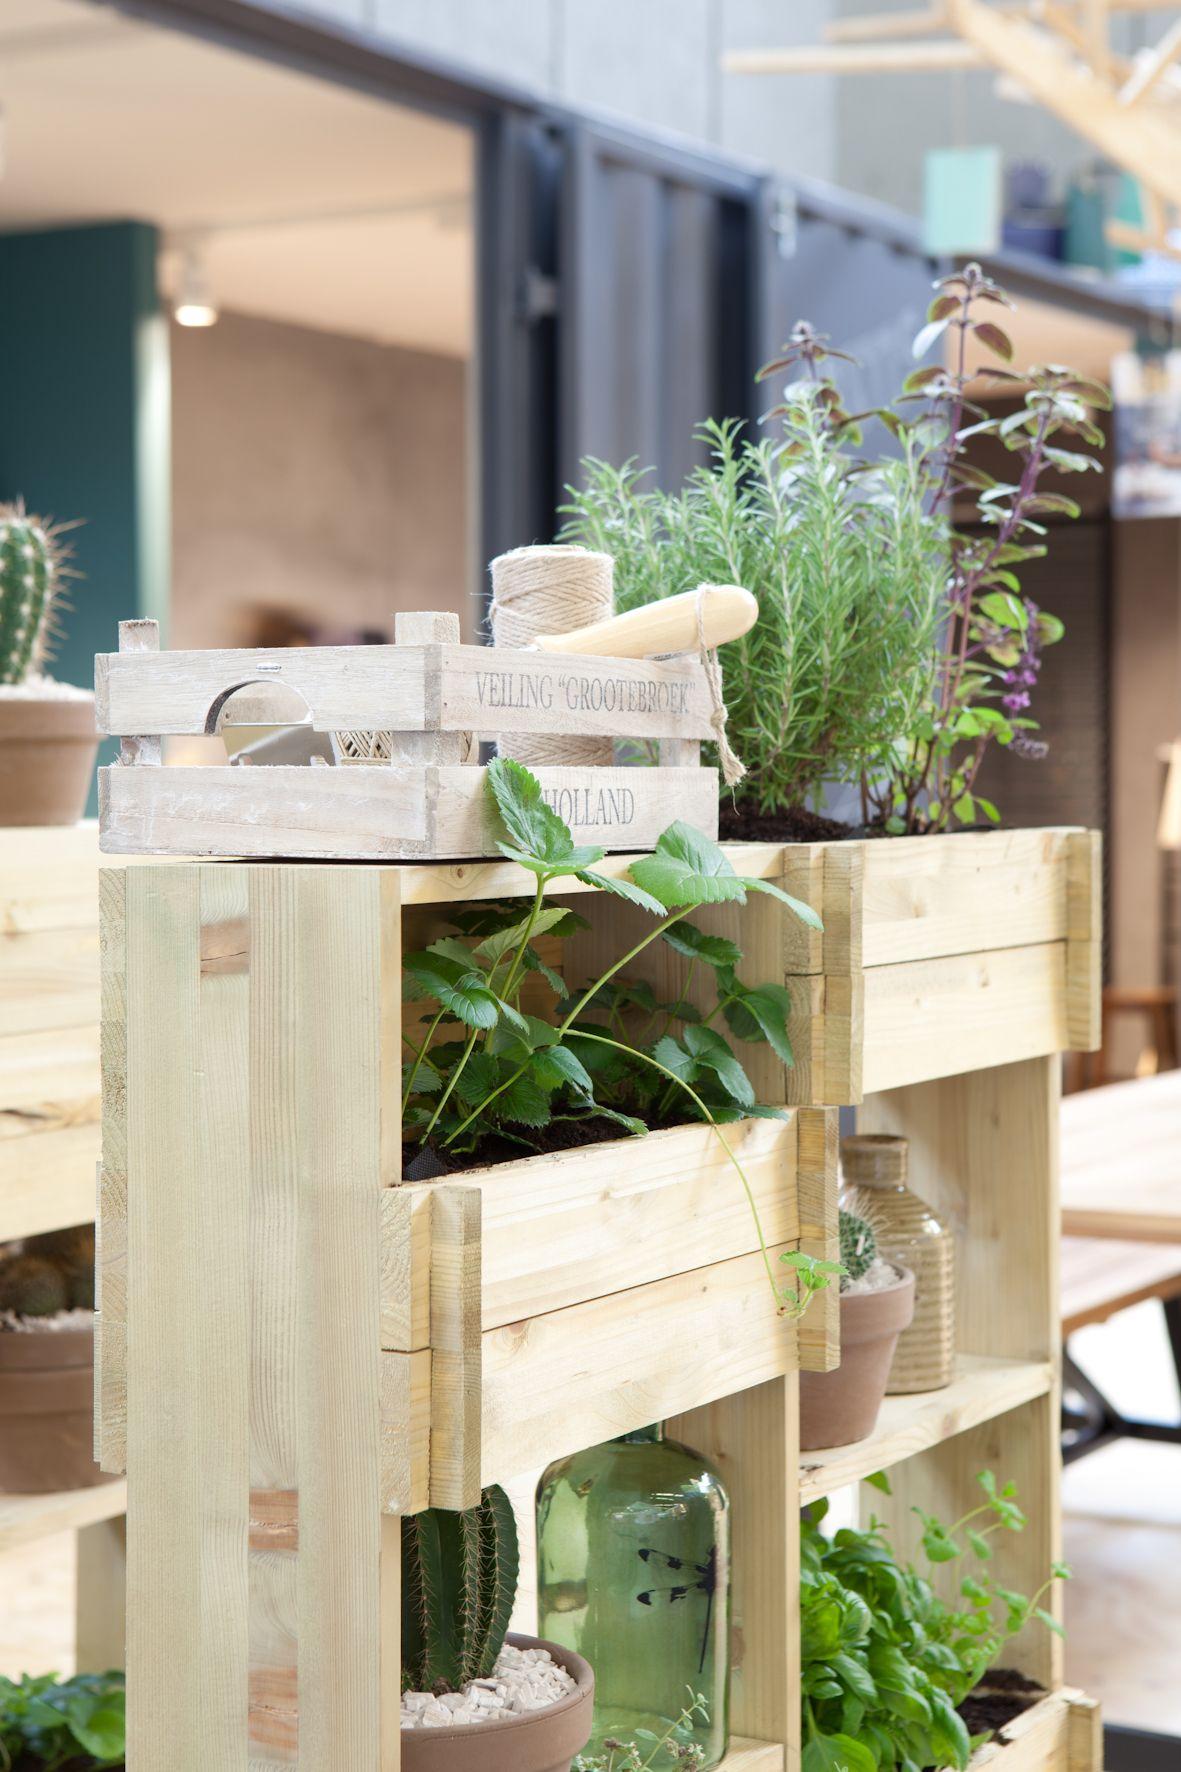 barefootstyling.com| Met een kast in de kamer kun je ook plantjes, cactussen of kruiden verbouwen. #woonbeurs #karwei #inspiratie